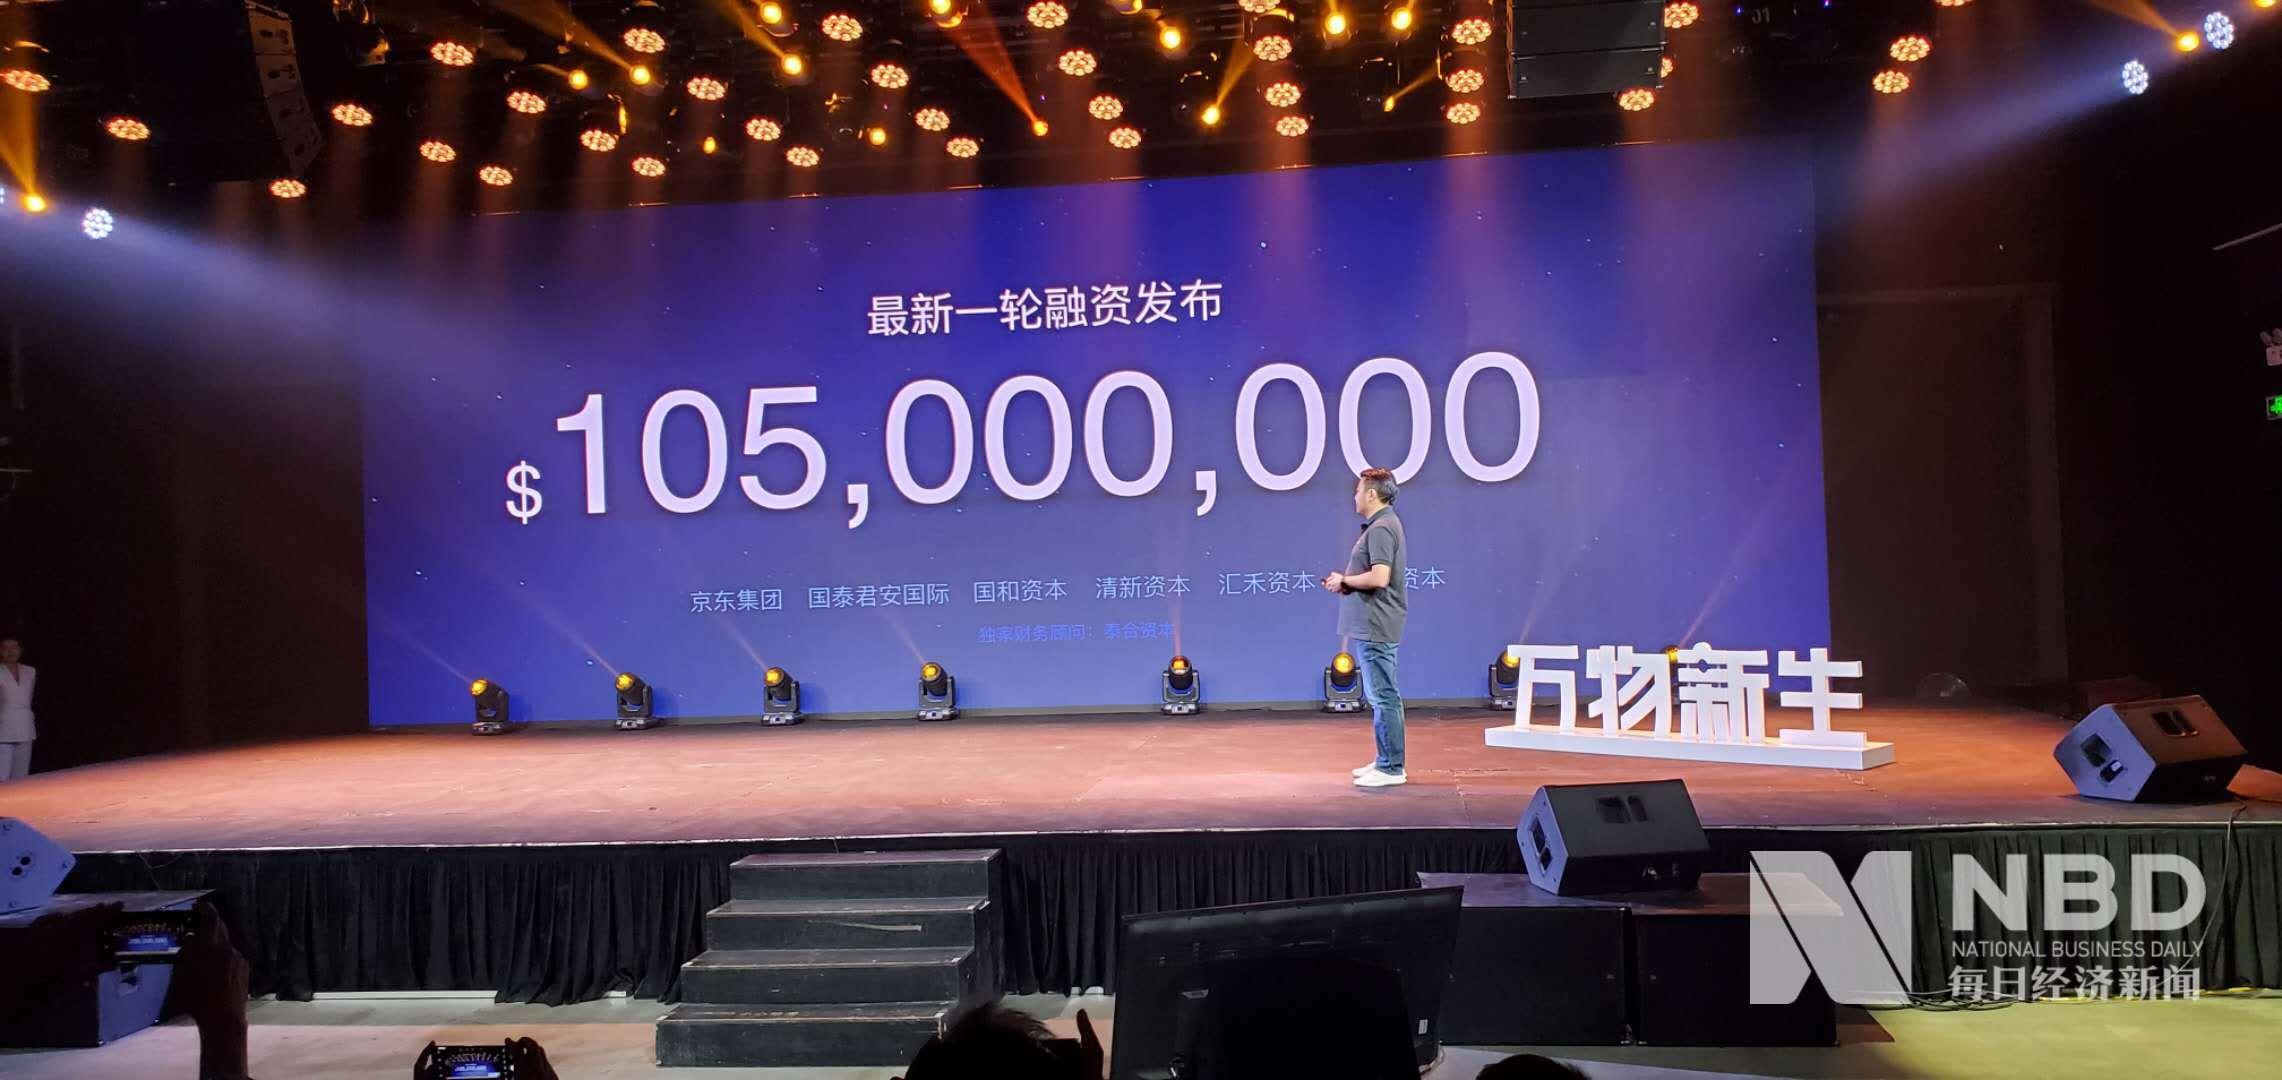 """爱回收升级 """"万物新生""""获京东集团1亿美元追投 未来IPO剑指50亿美元估值"""